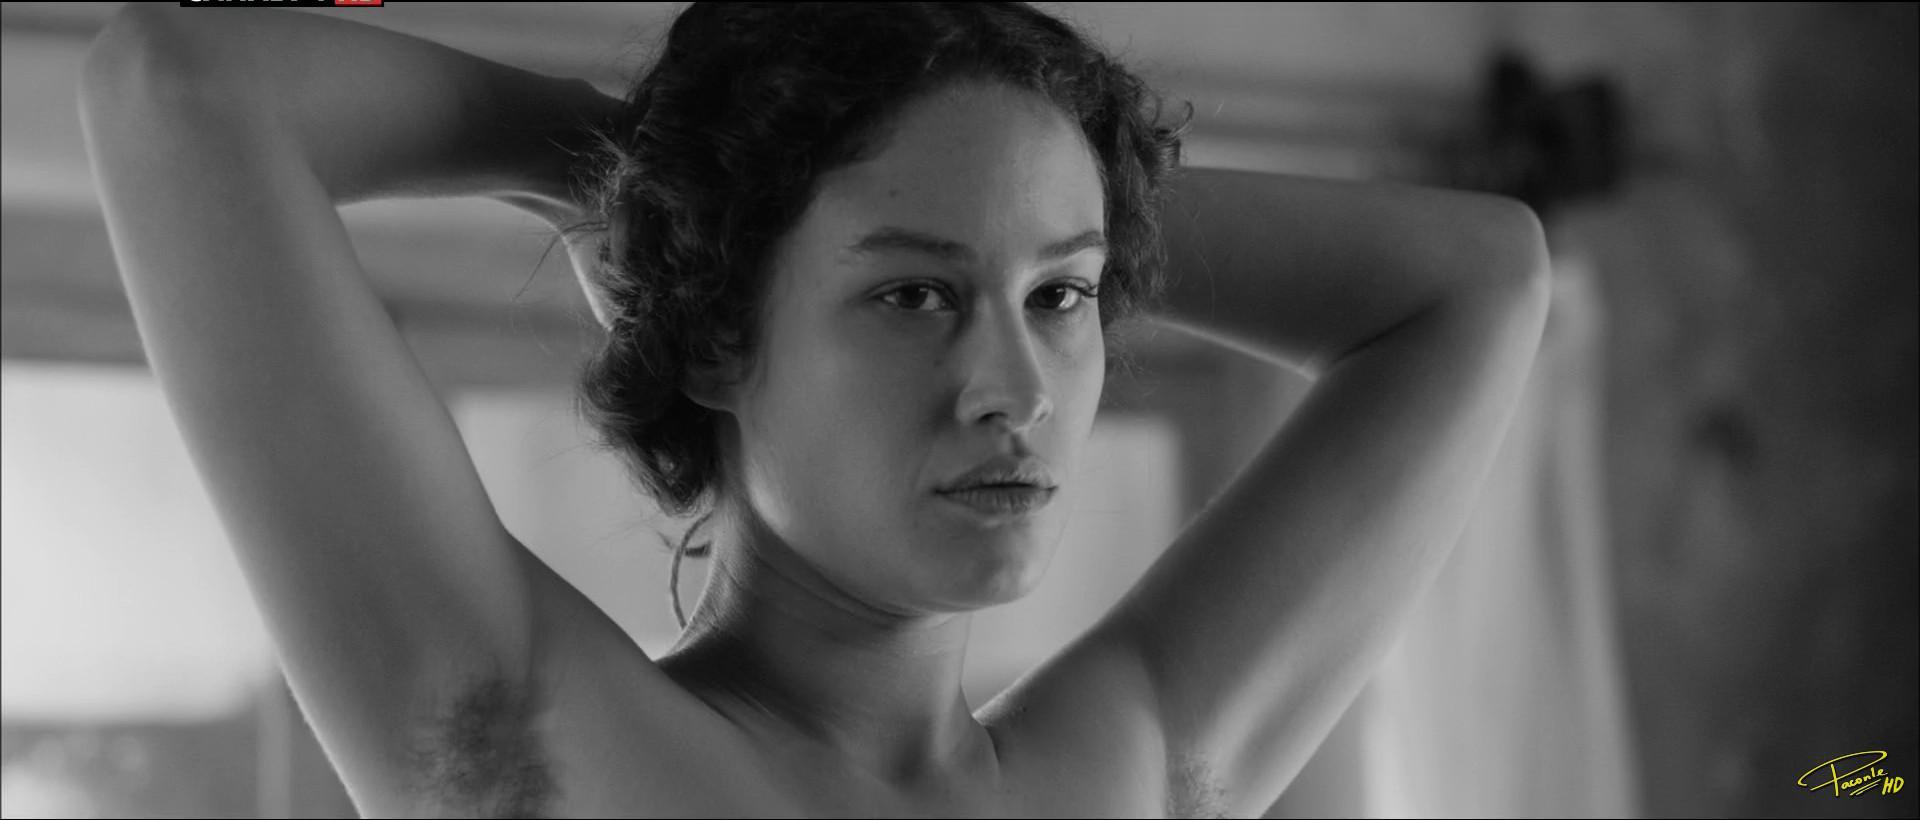 Aida Folch Tetas el artista y la modelo - photo de aída folch dans el artista